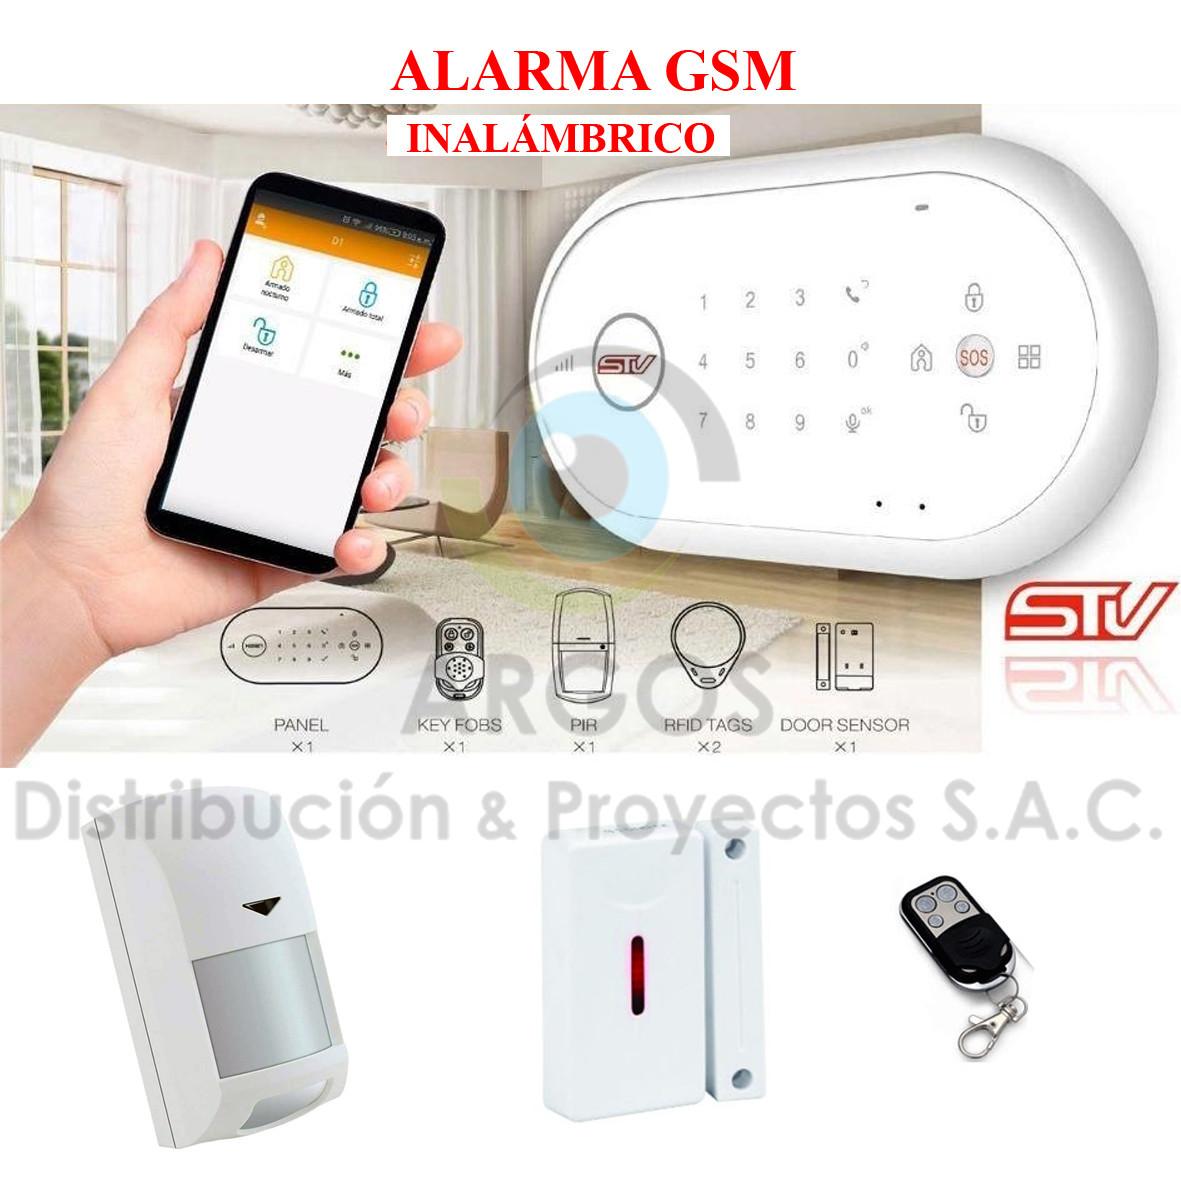 ALARMA GSM INALÁMBRICO STV - D1